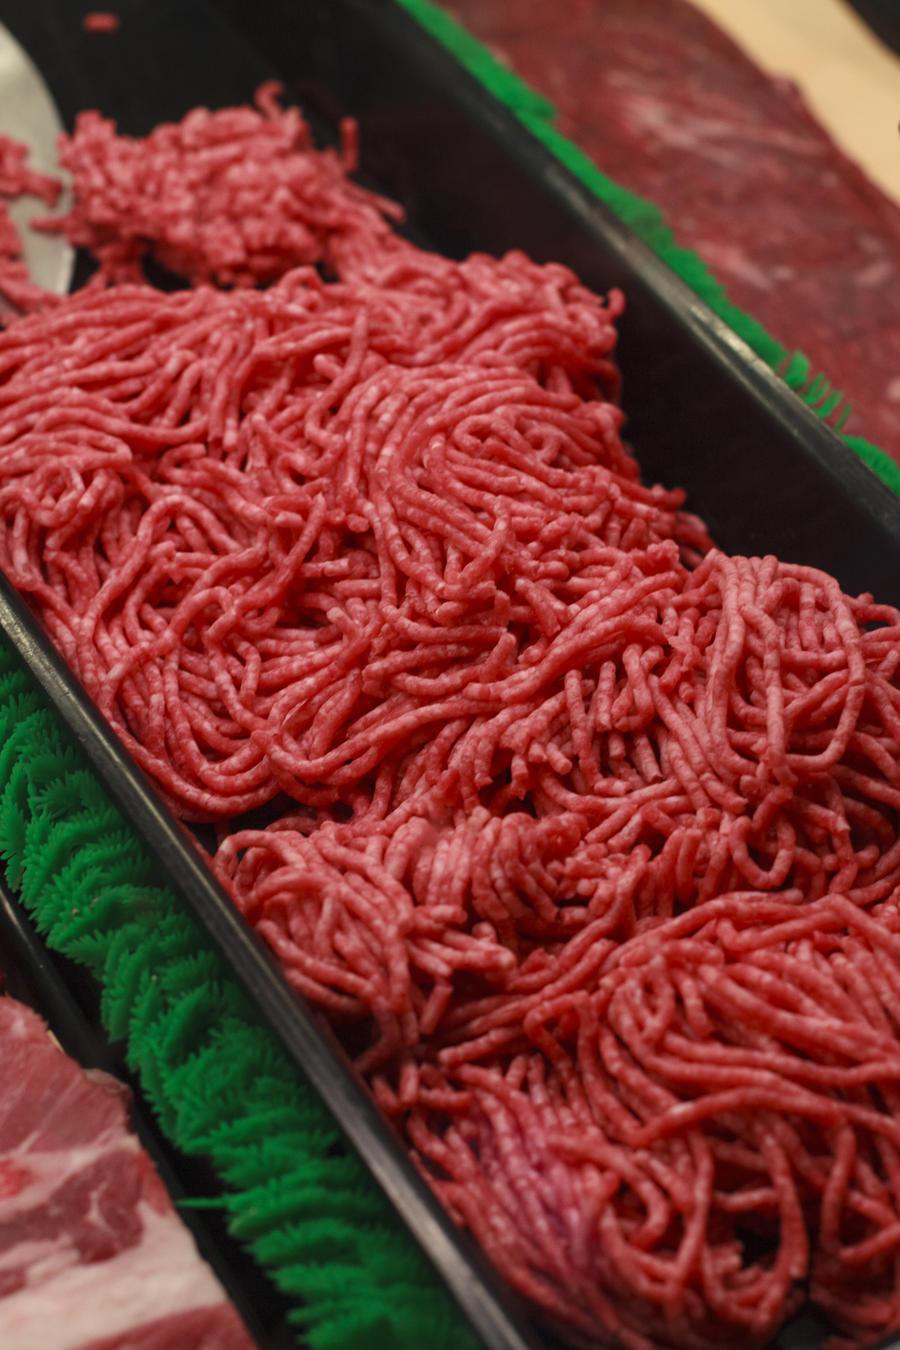 Retiran del mercado más de 64 libras de carne molida por una posible contaminación de bacteria